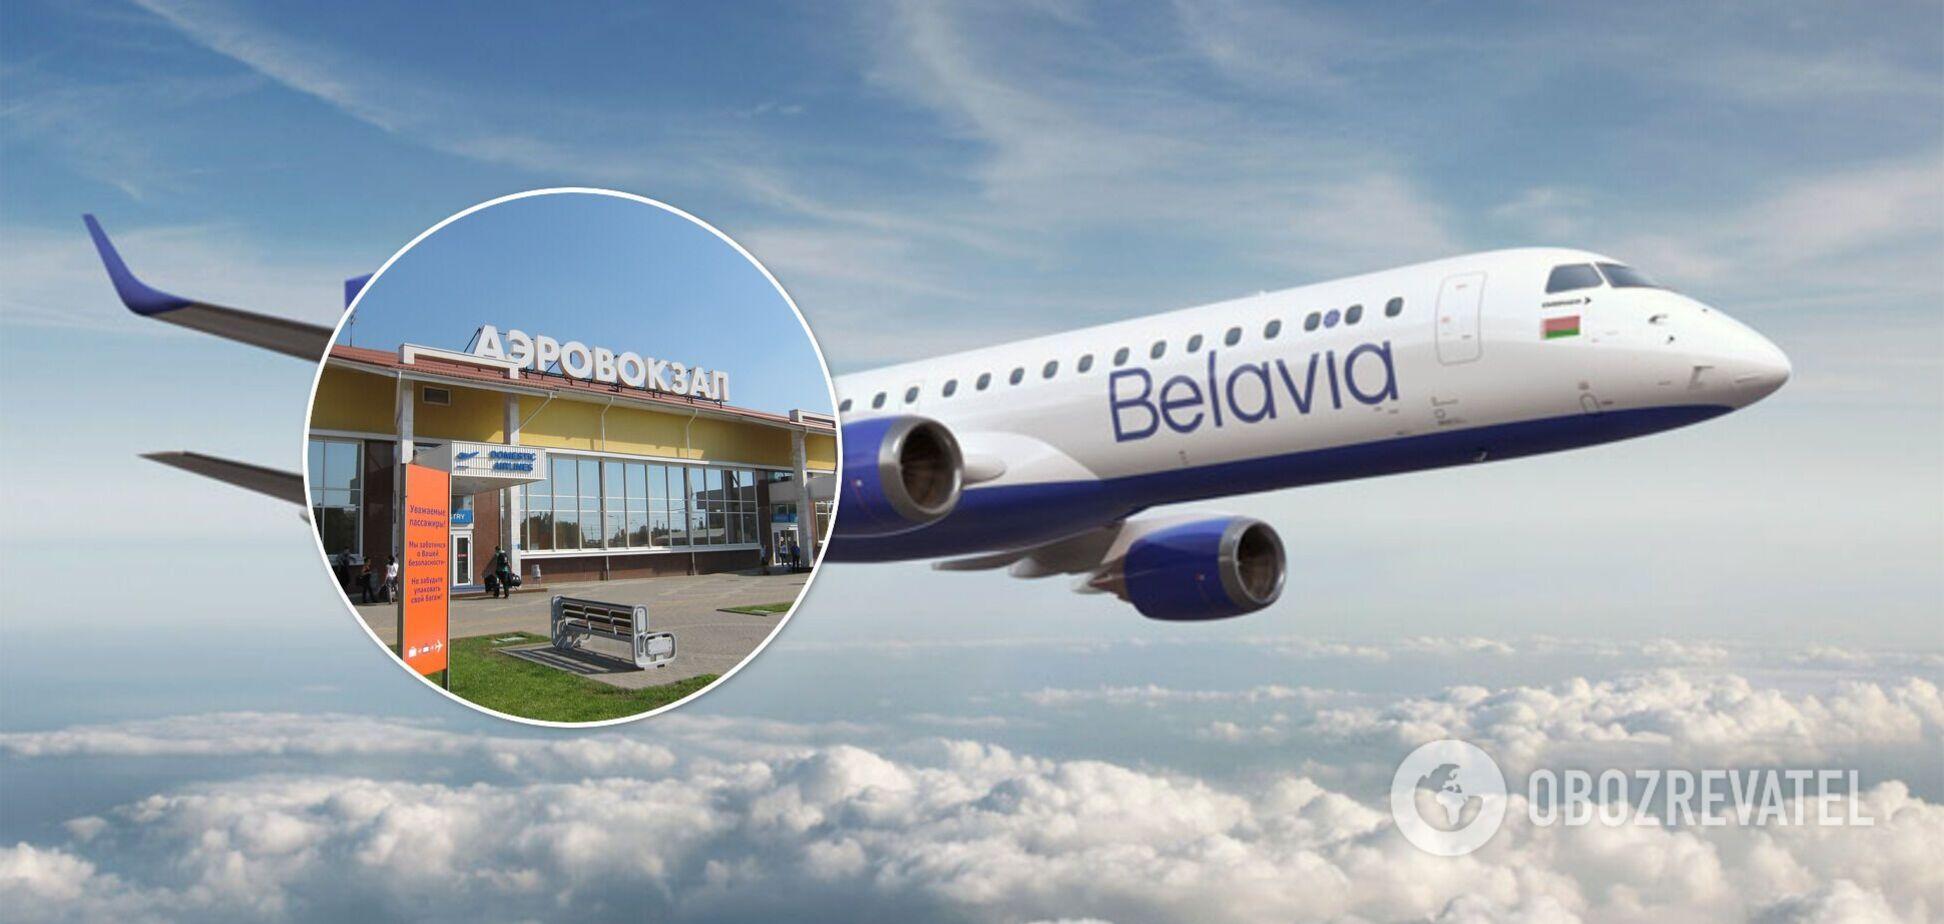 Белорусский самолет, летевший из Египта, экстренно посадили в России